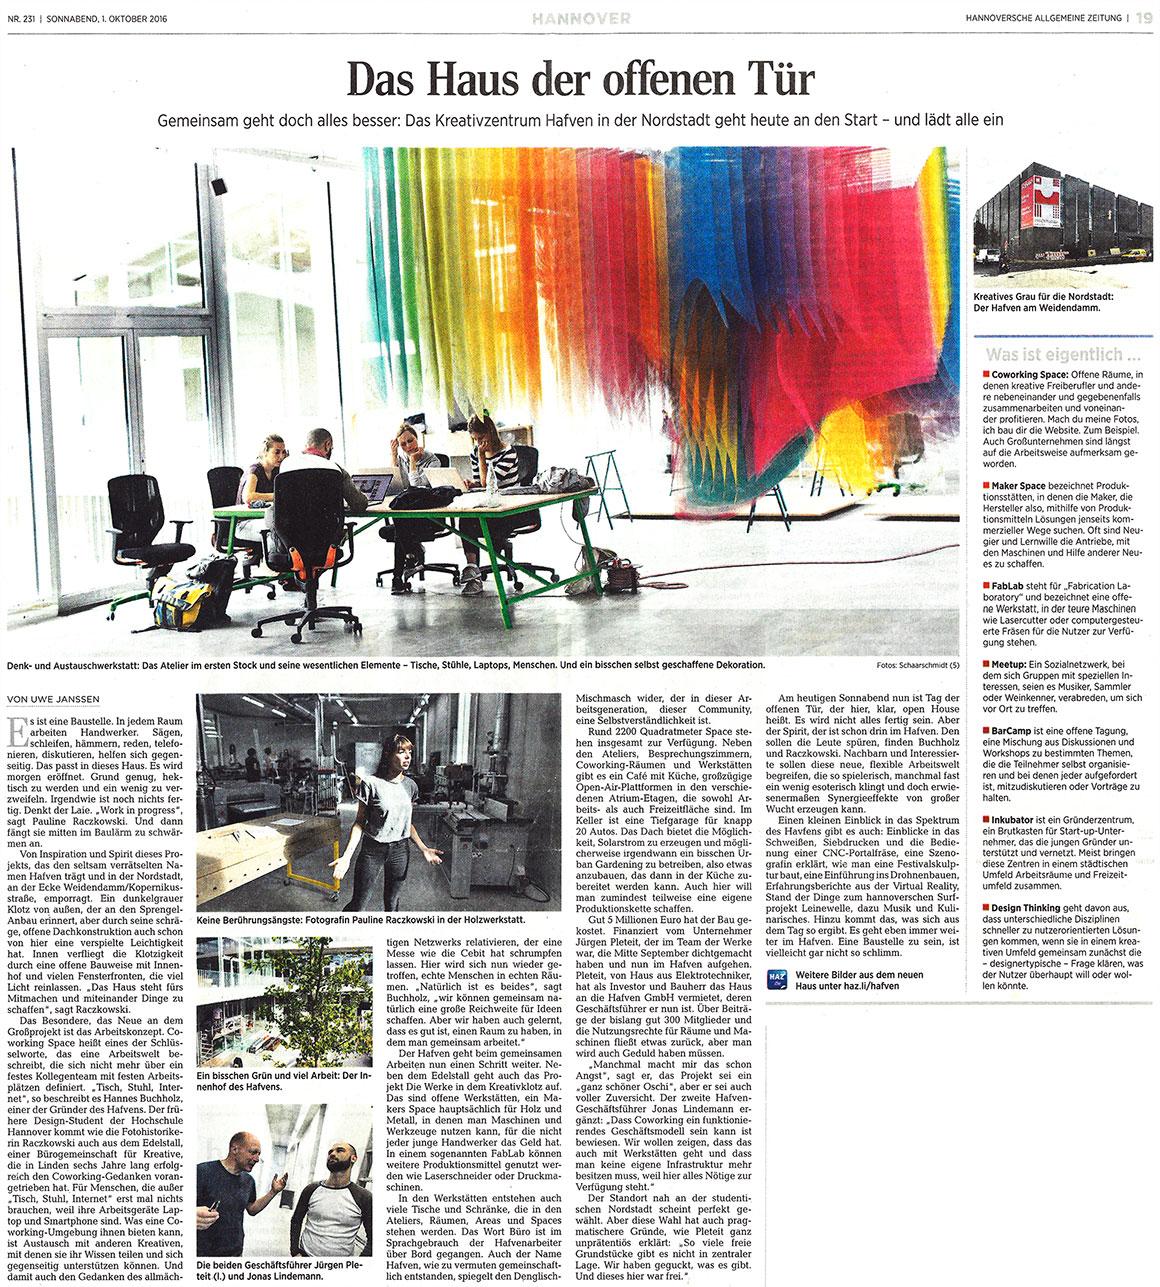 Beitrag der Hannoverschen Allgemeinen Zeitung vom 01.10.2016